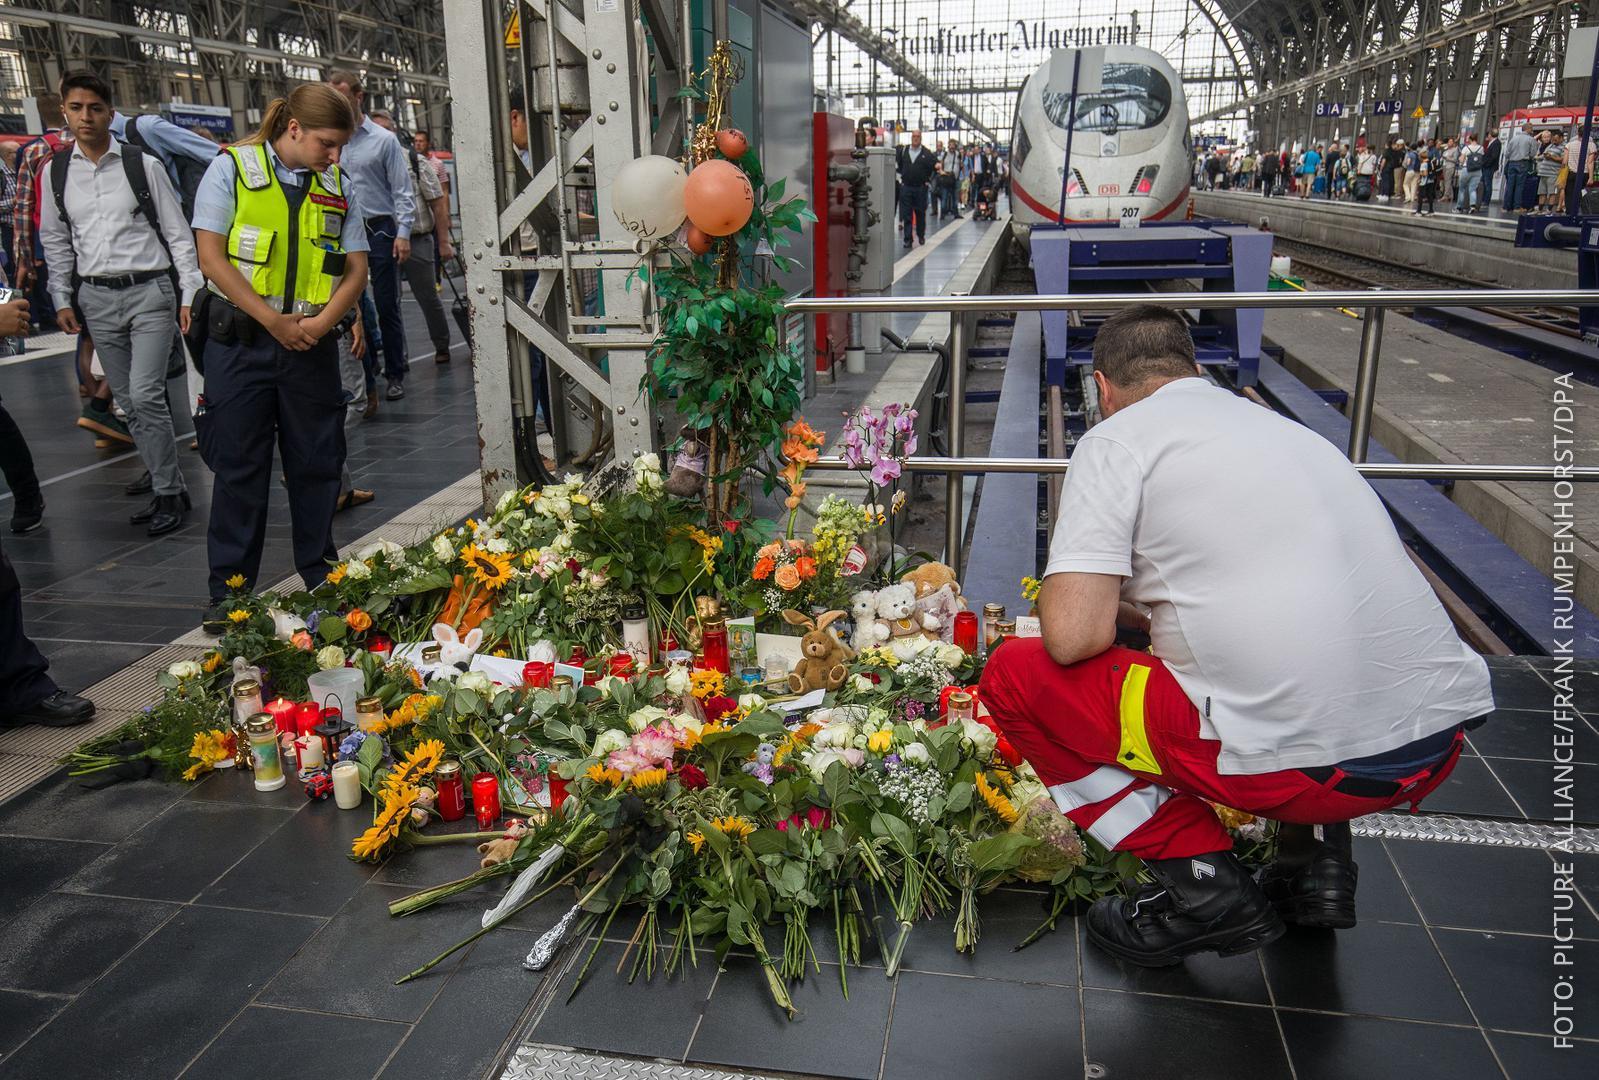 Menschen legen Blumen und Stofftiere am Frankfurter Bahnhof nieder.